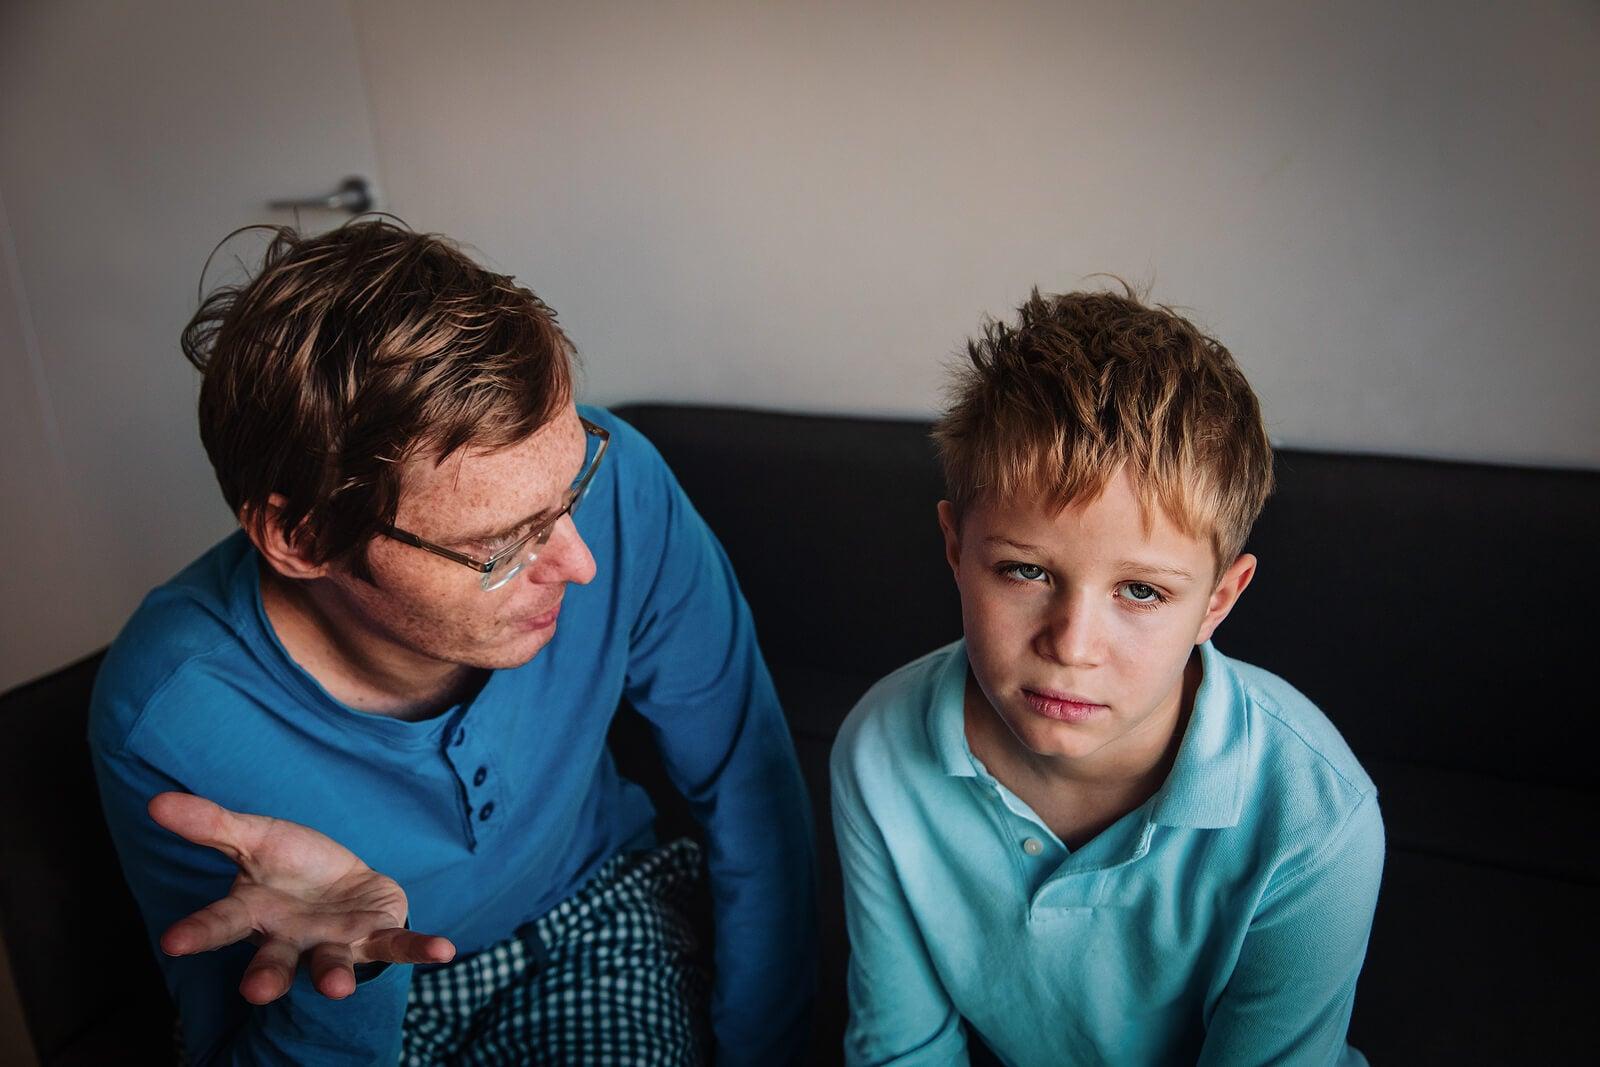 Père parlant à son fils adolescent.